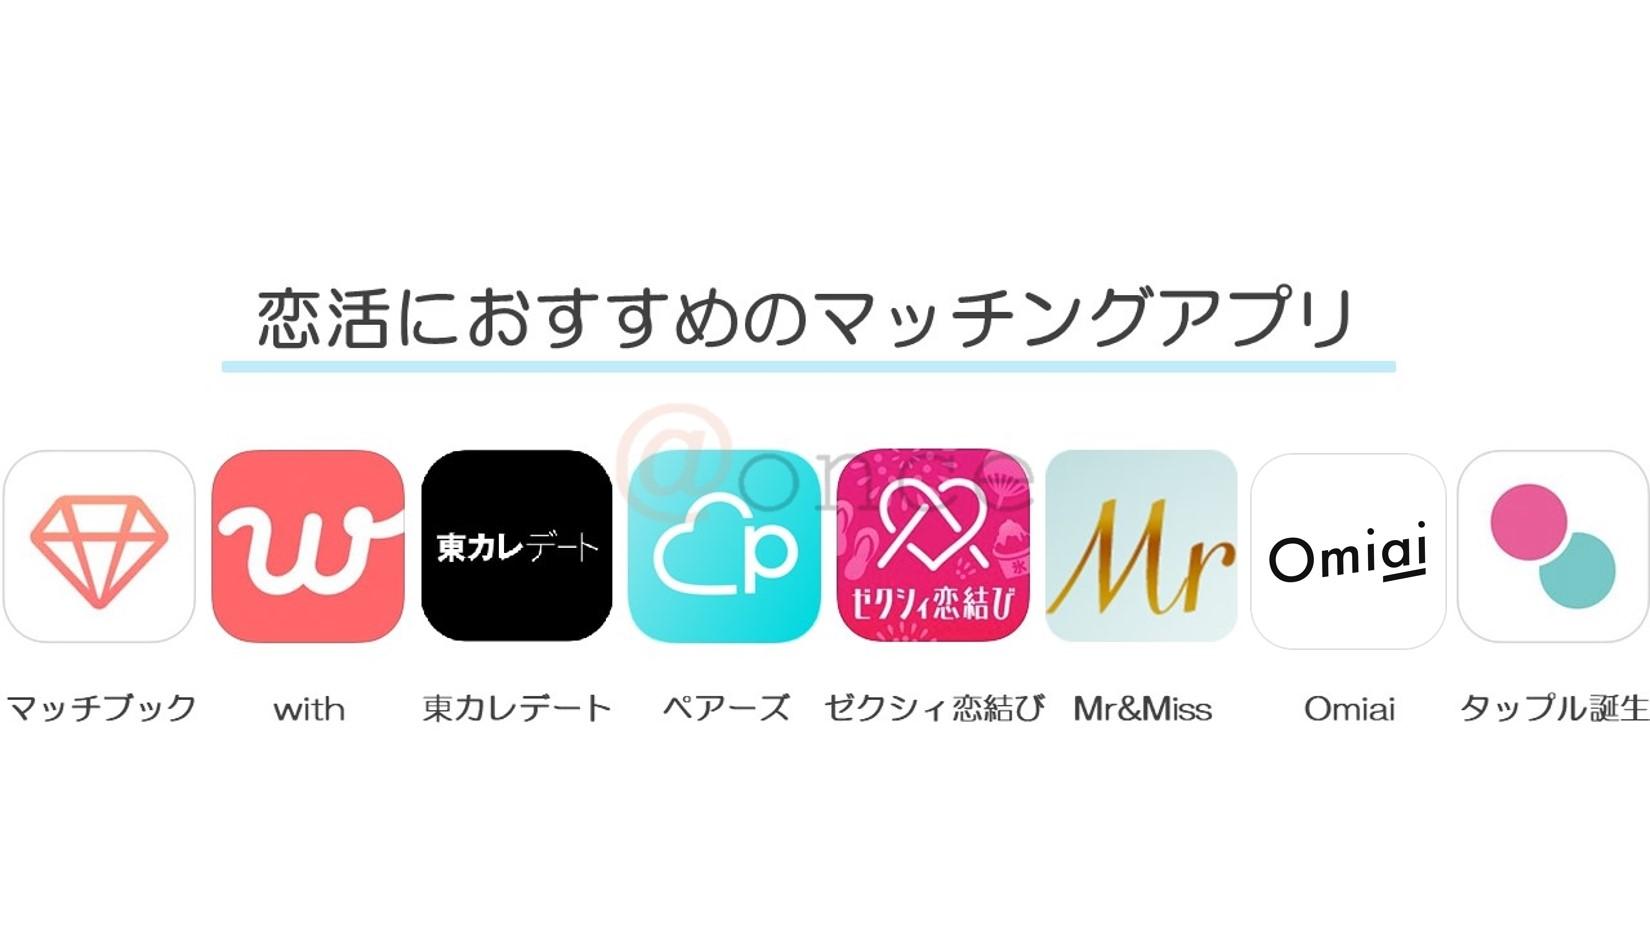 恋活におすすめのマッチングアプリ